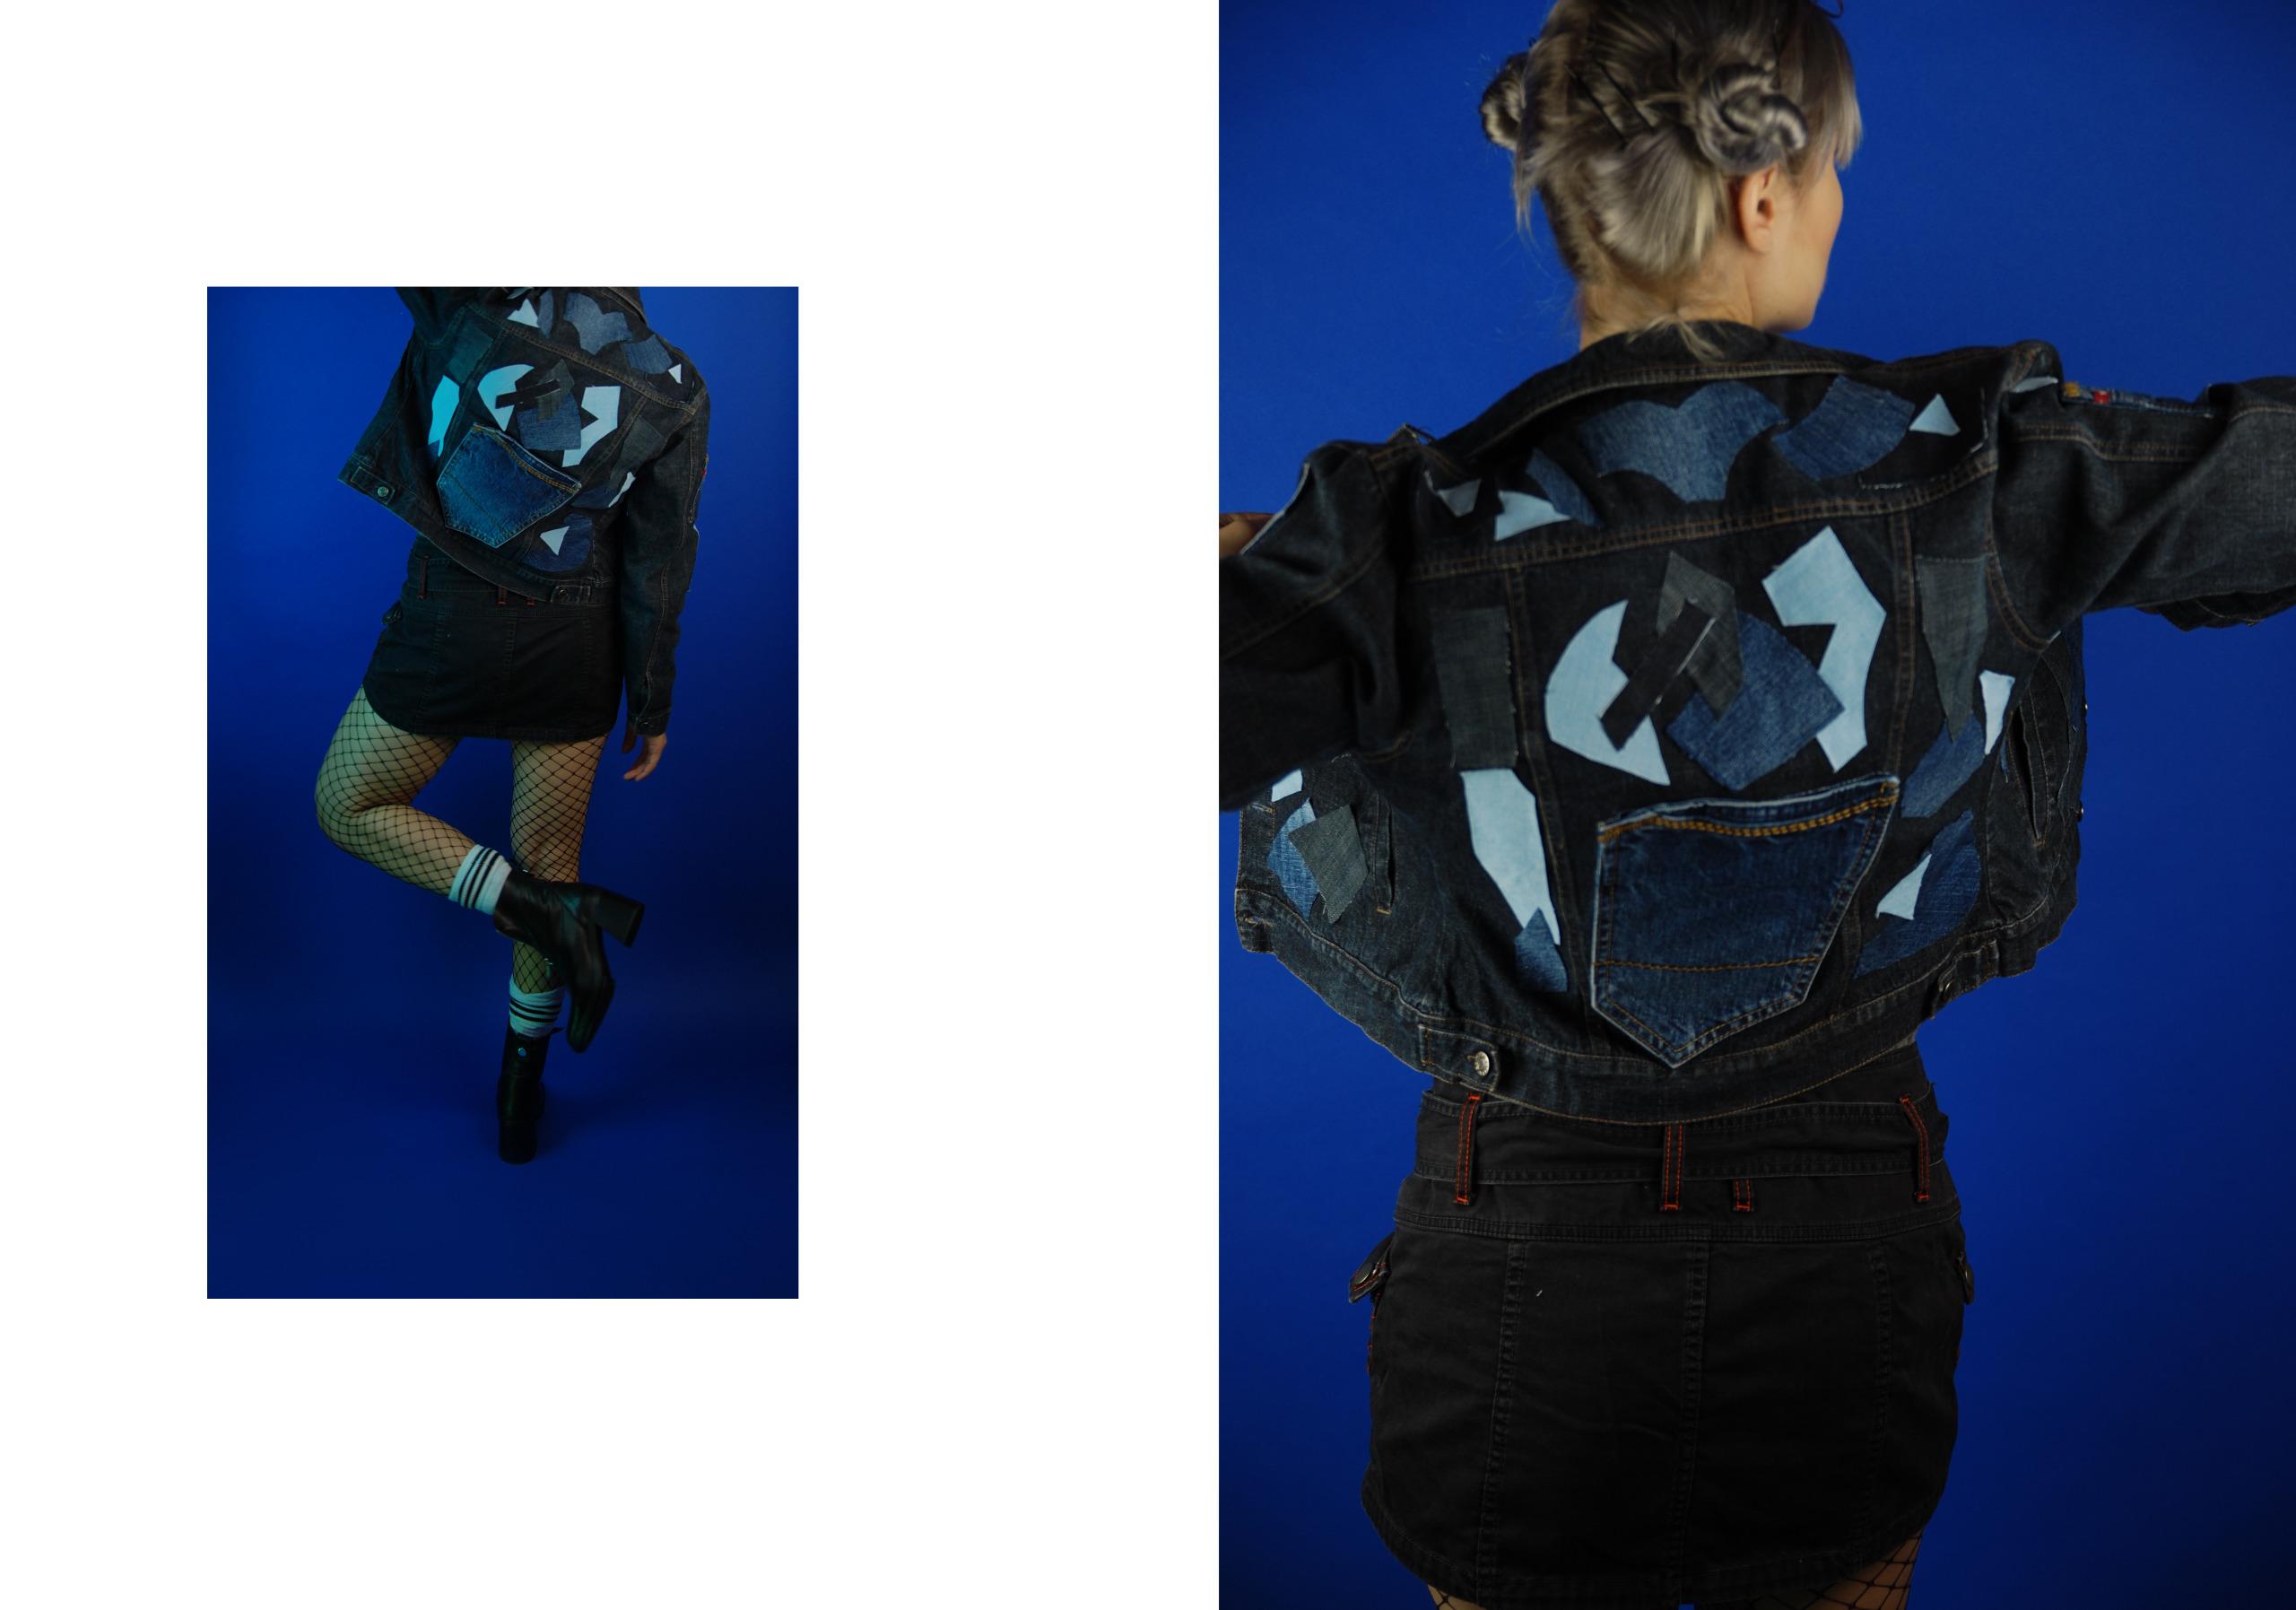 Obraz przedstawia dwa zdjęcia, z lewej strony na mniejszym zdjęciu widzimy kobiecą postać odwróconą tyłem, w krótkiej spódniczce, białych skarpetkach, czarnych butach, całość na niebieskim tle. Z prawej strony, też na niebieskim tle, zbliżenie na postać ze zdjęcia po lewej stronie.